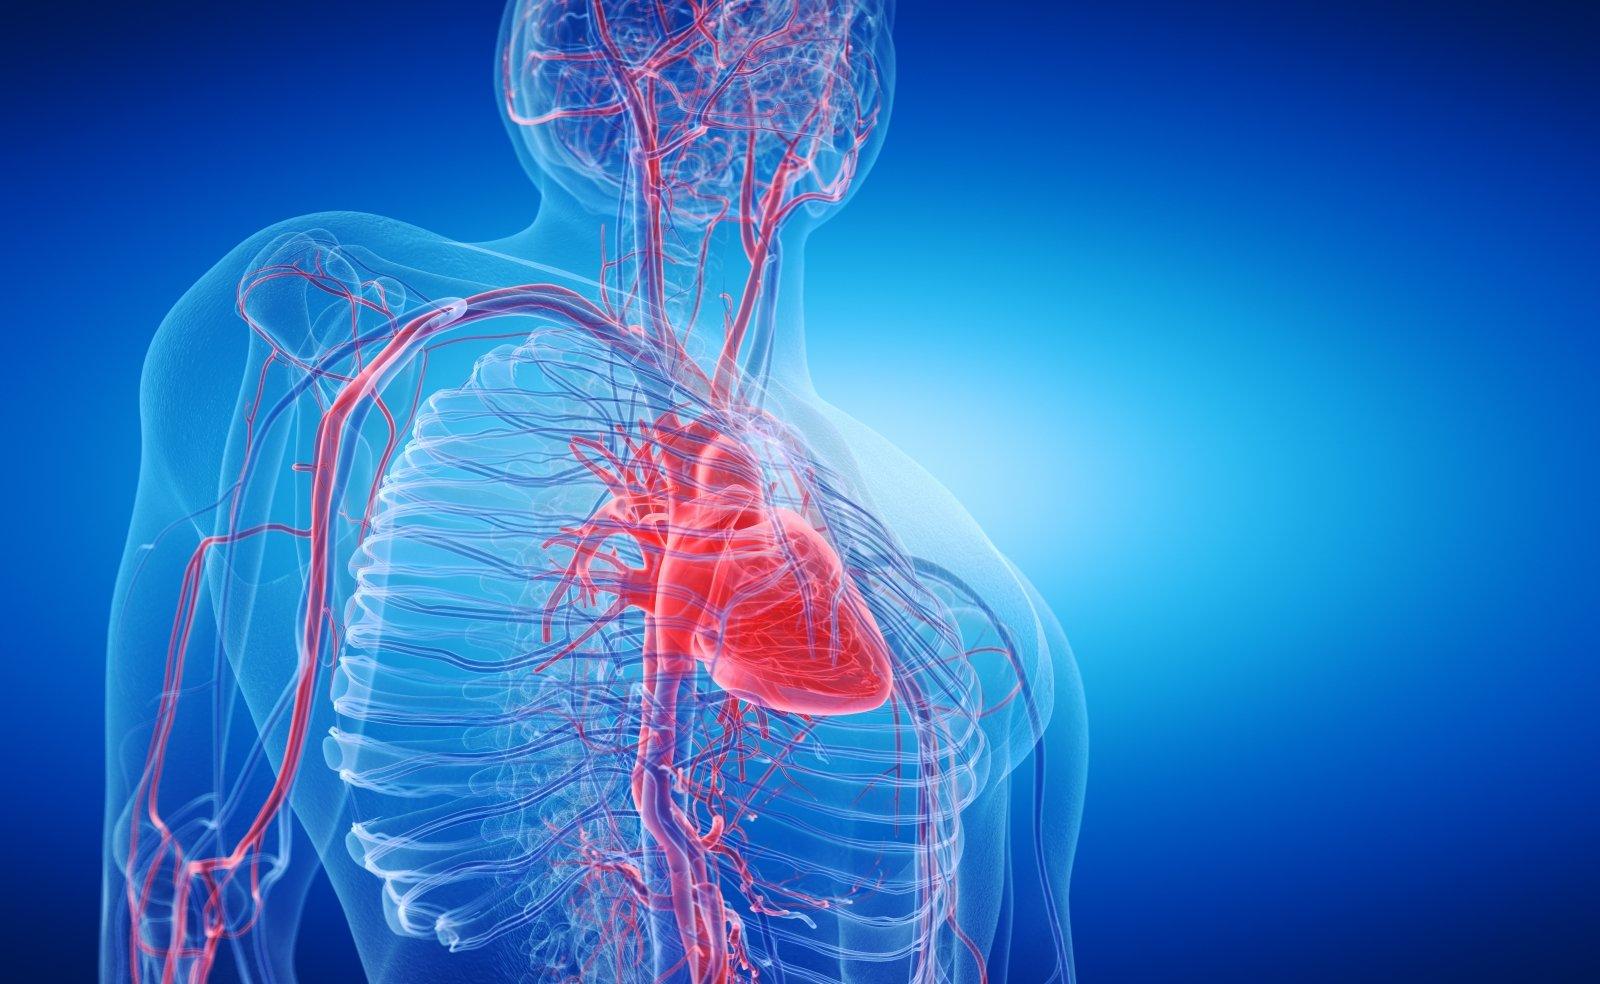 kaip treniruoti hipertenzija sergančią širdį ir kraujagysles hipertenzijos kraujagyslės išsiplečia arba susiaurėja